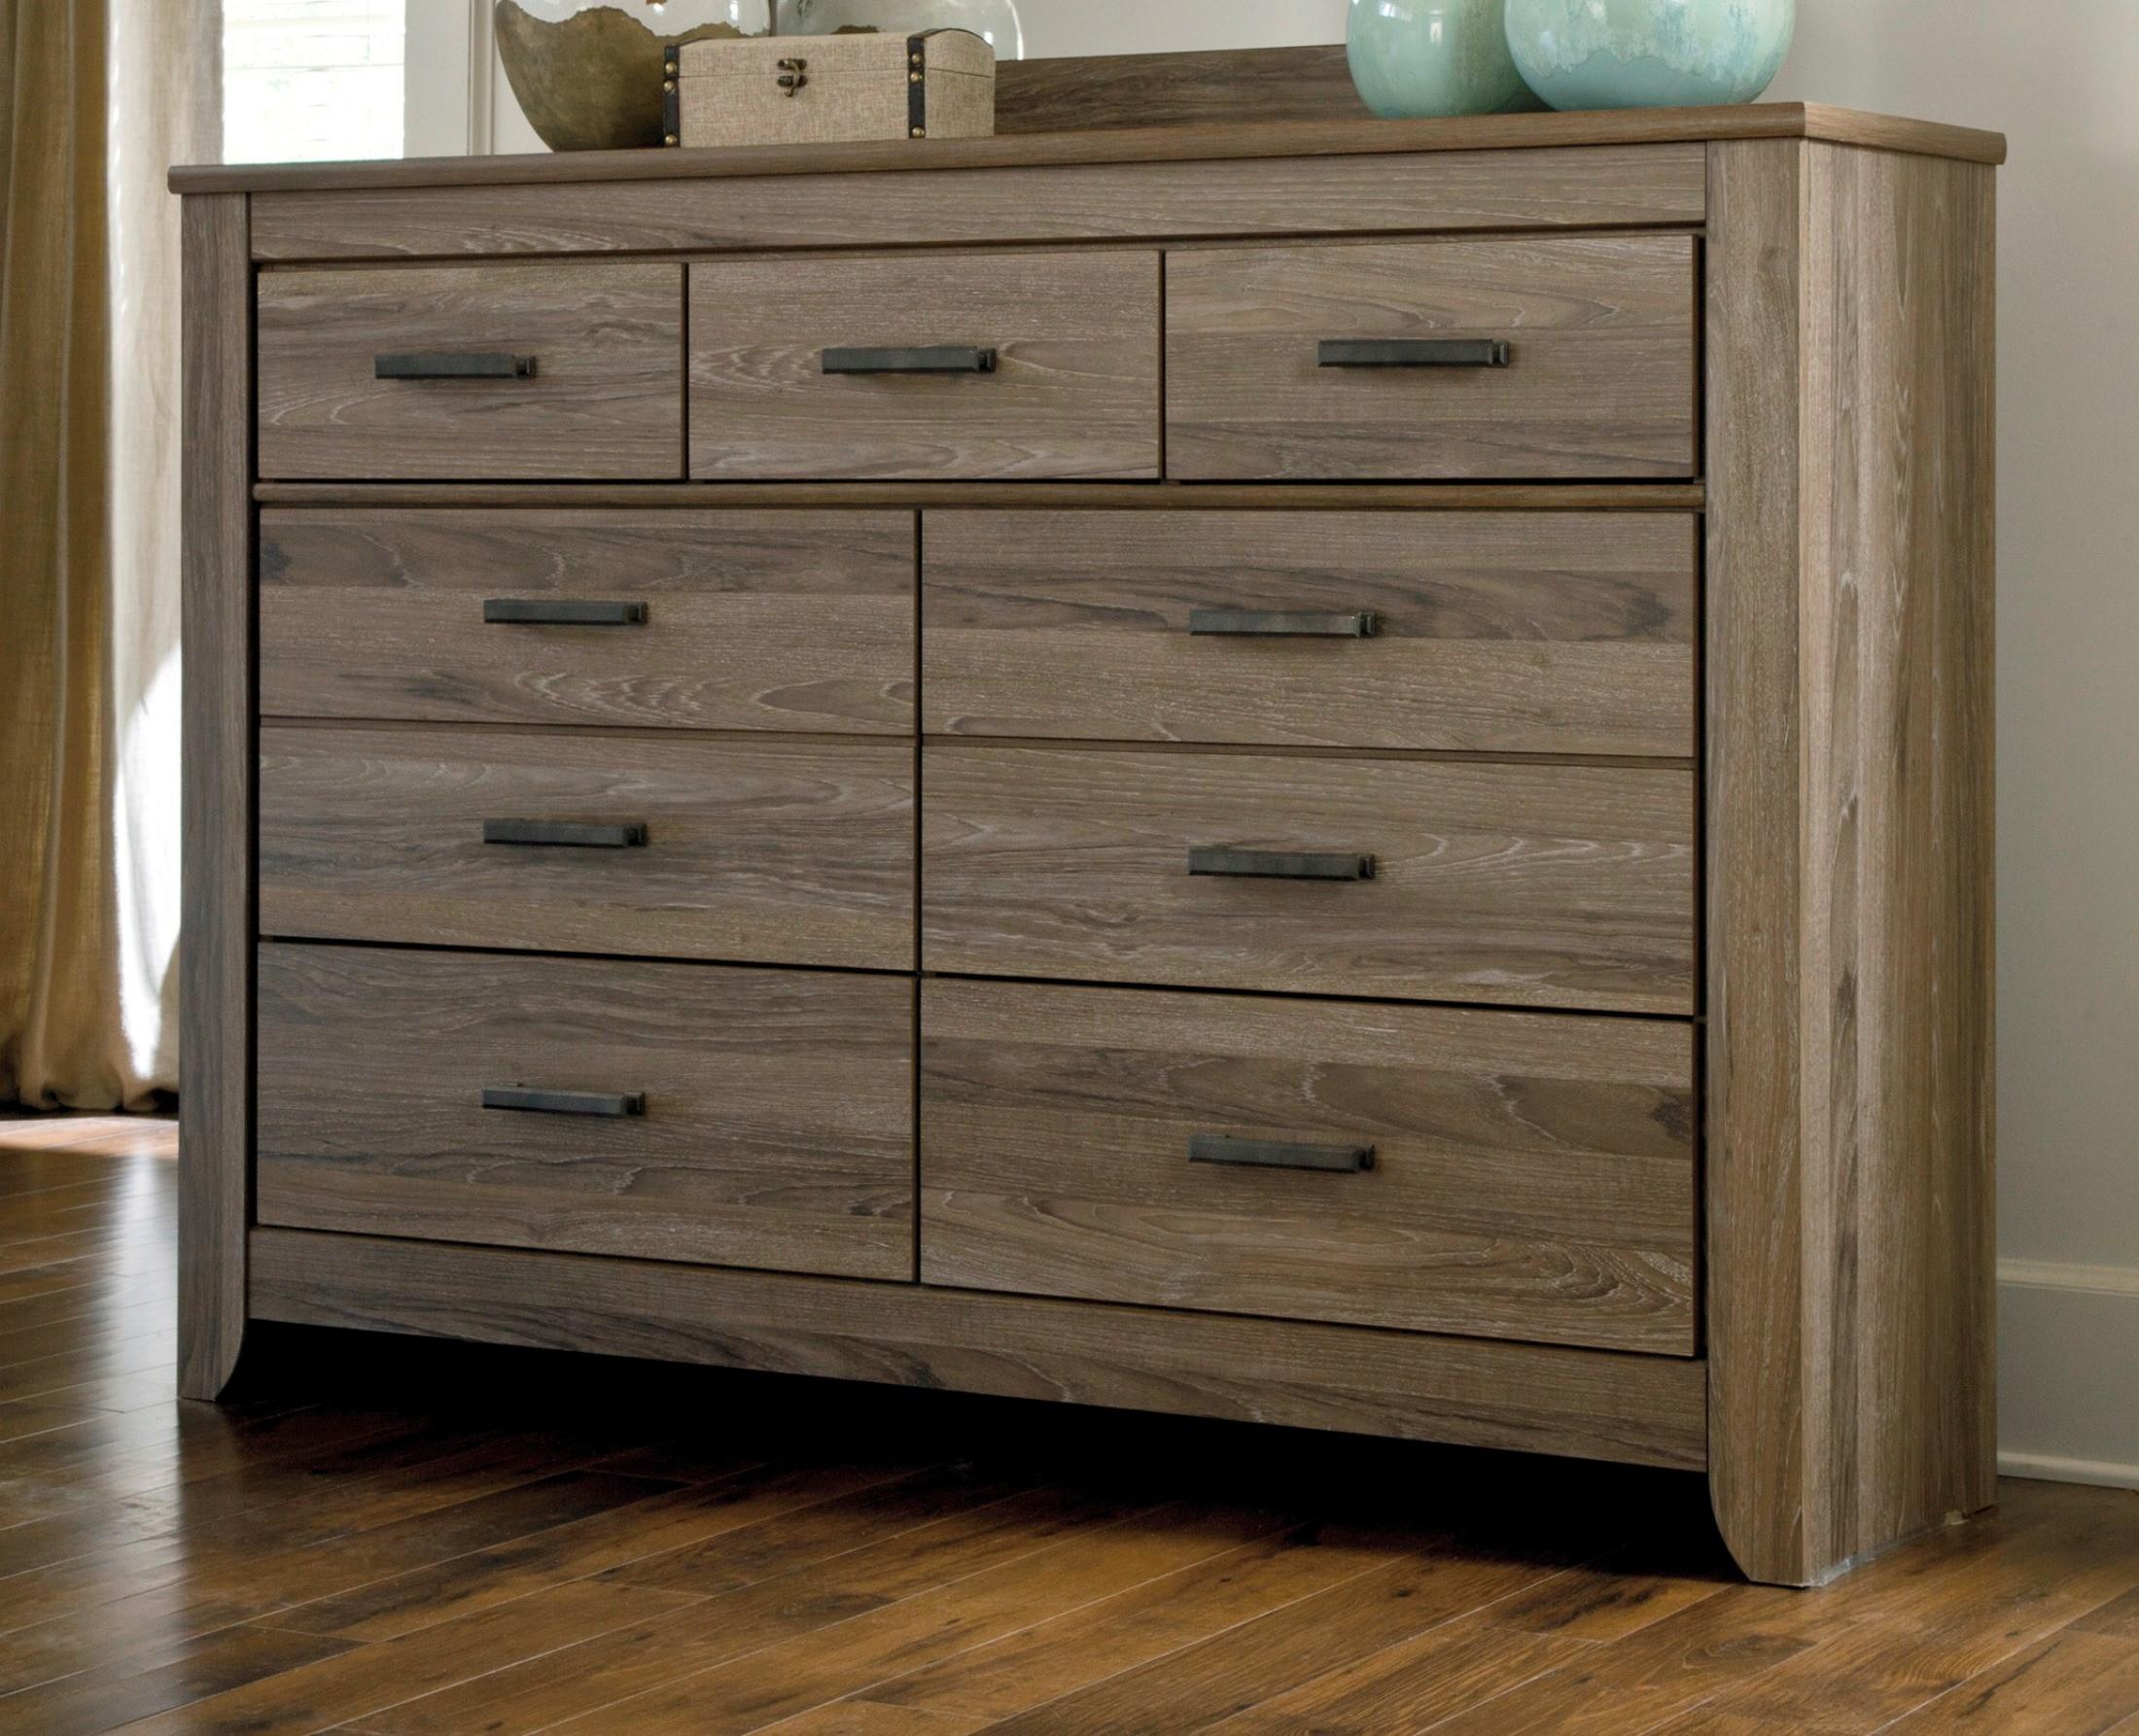 Zelen Dresser From Ashley B248 31 Coleman Furniture